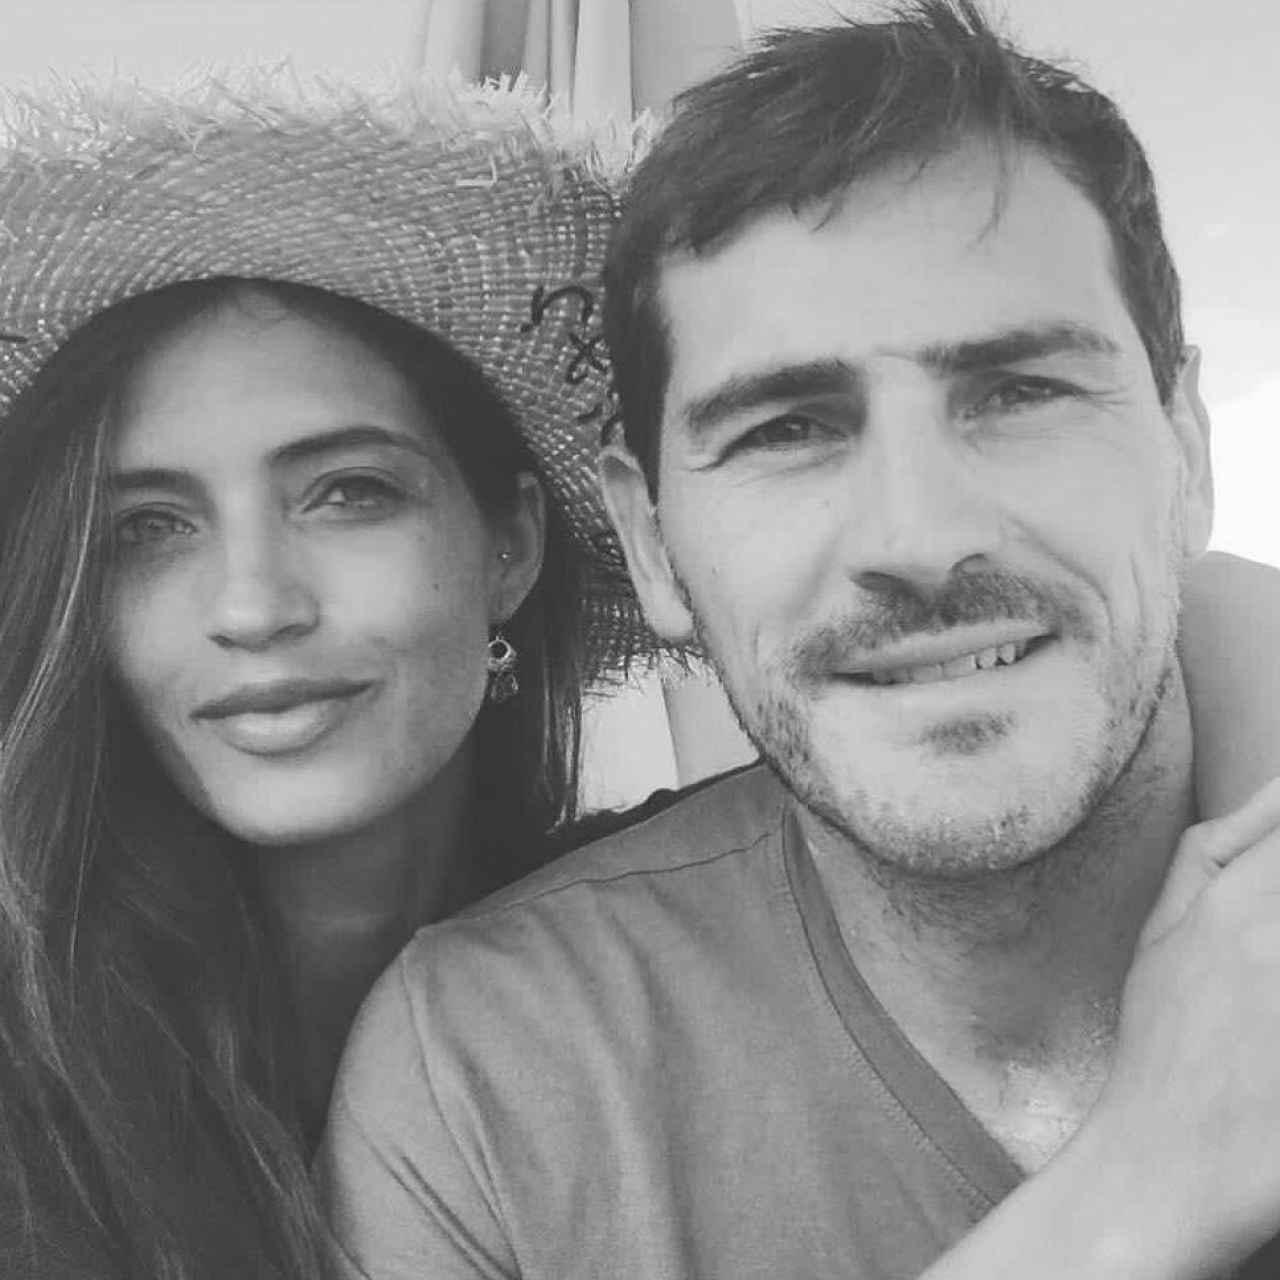 Esta es la foto con la que Iker y Sara acompañaban a su comunicado de separación.